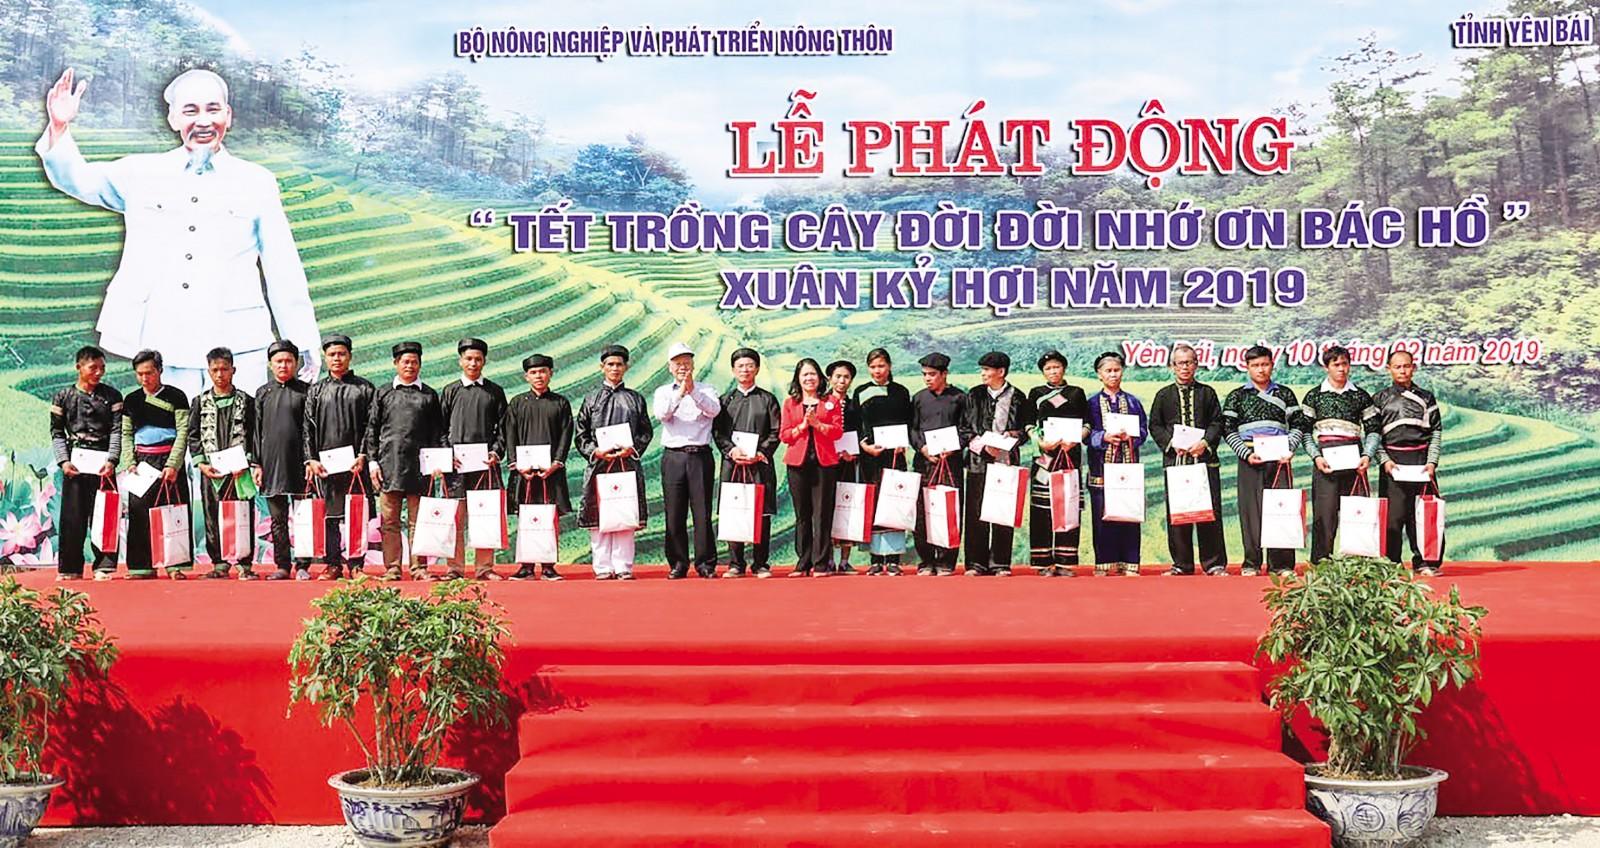 Tổng Bí thư, Chủ tịch nước Nguyễn Phú Trọng tặng 200 suất quà cho đồng bào nghèo, khó khăn của huyện Trấn Yên. Ảnh: TRÍ DŨNG – TTXVN